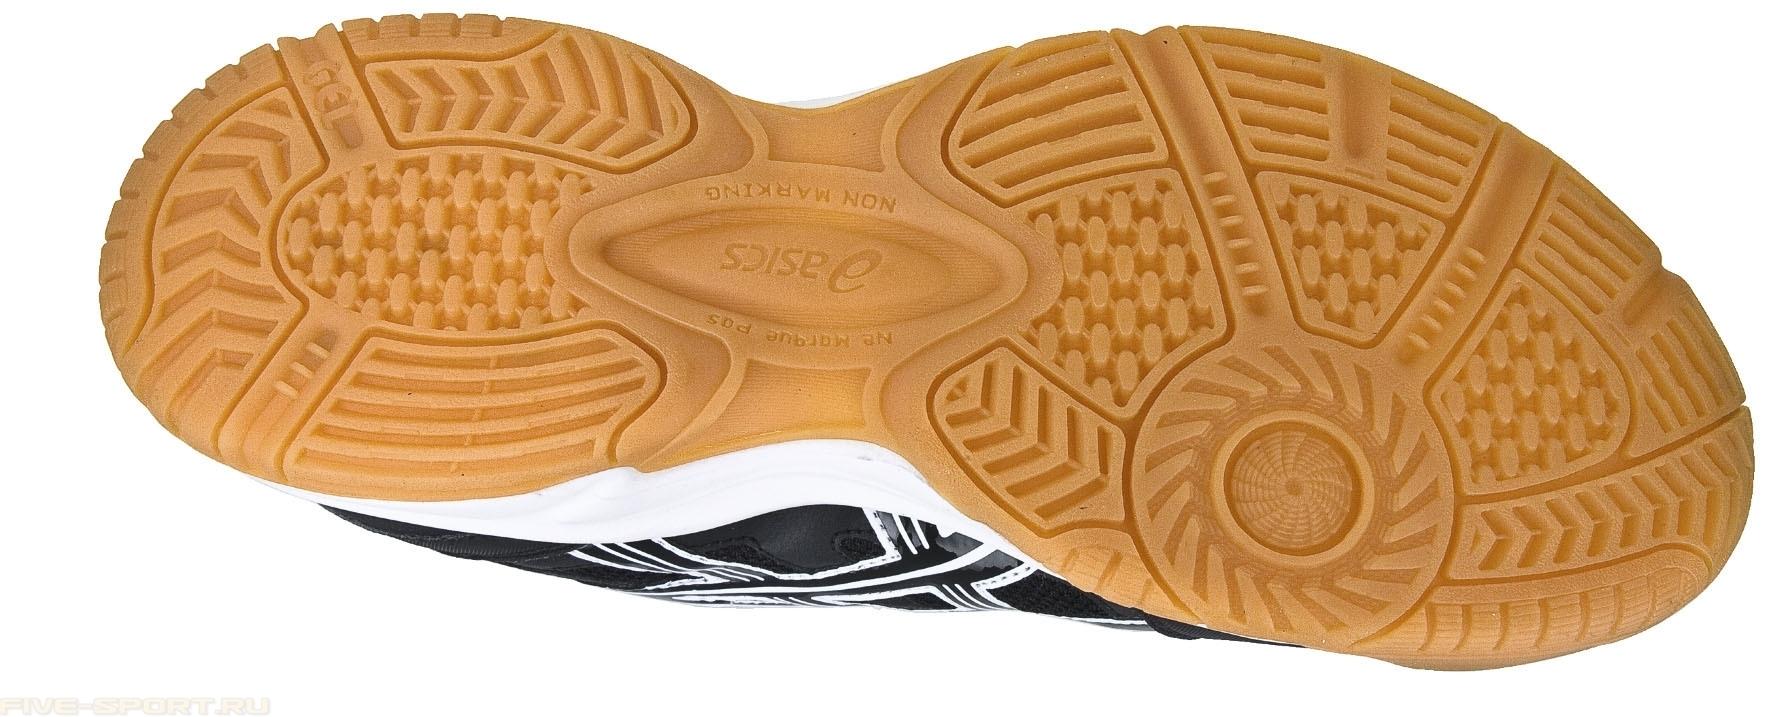 Кроссовки волейбольные Asics Gel-Doha B200Y 9090 купить в Five-Sport.ru